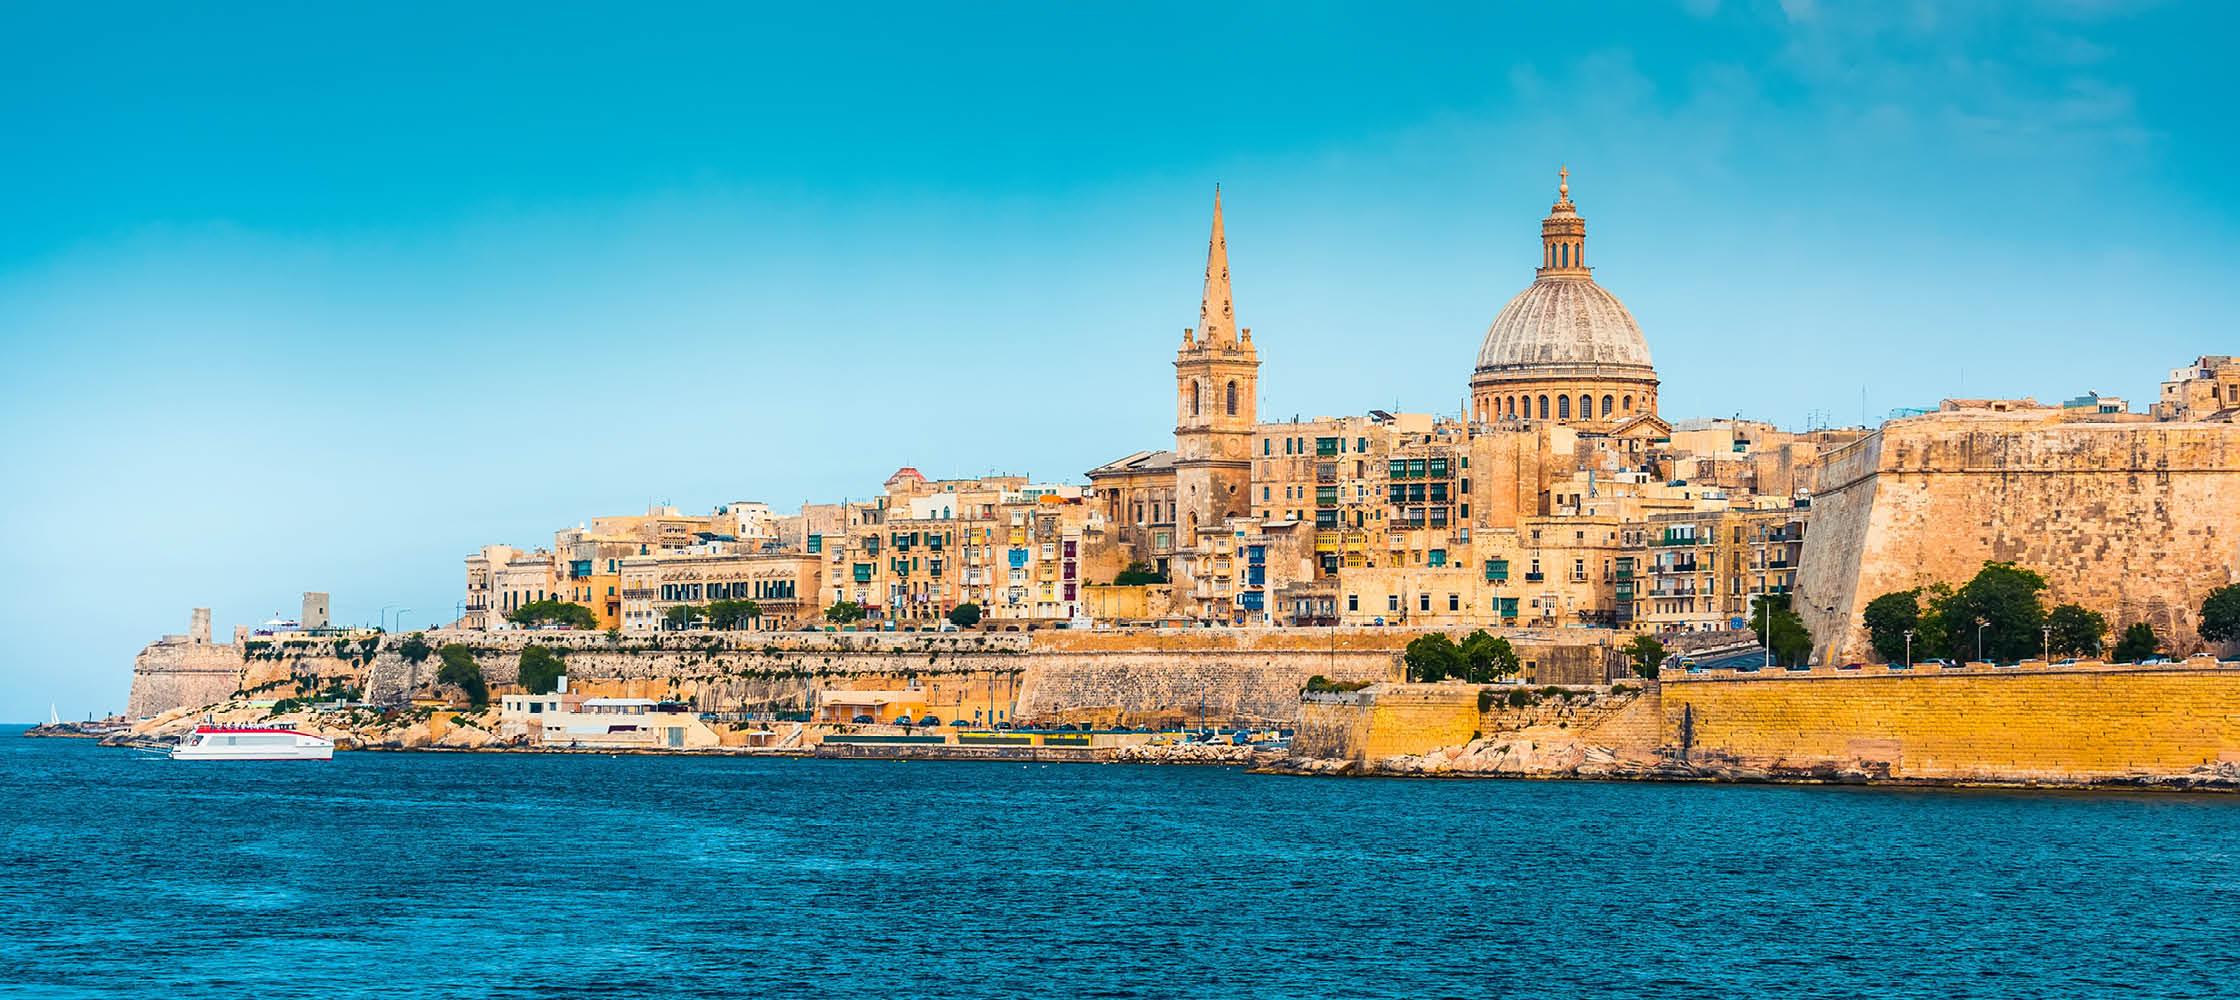 Maltas huvudstad Valletta sett från havet.